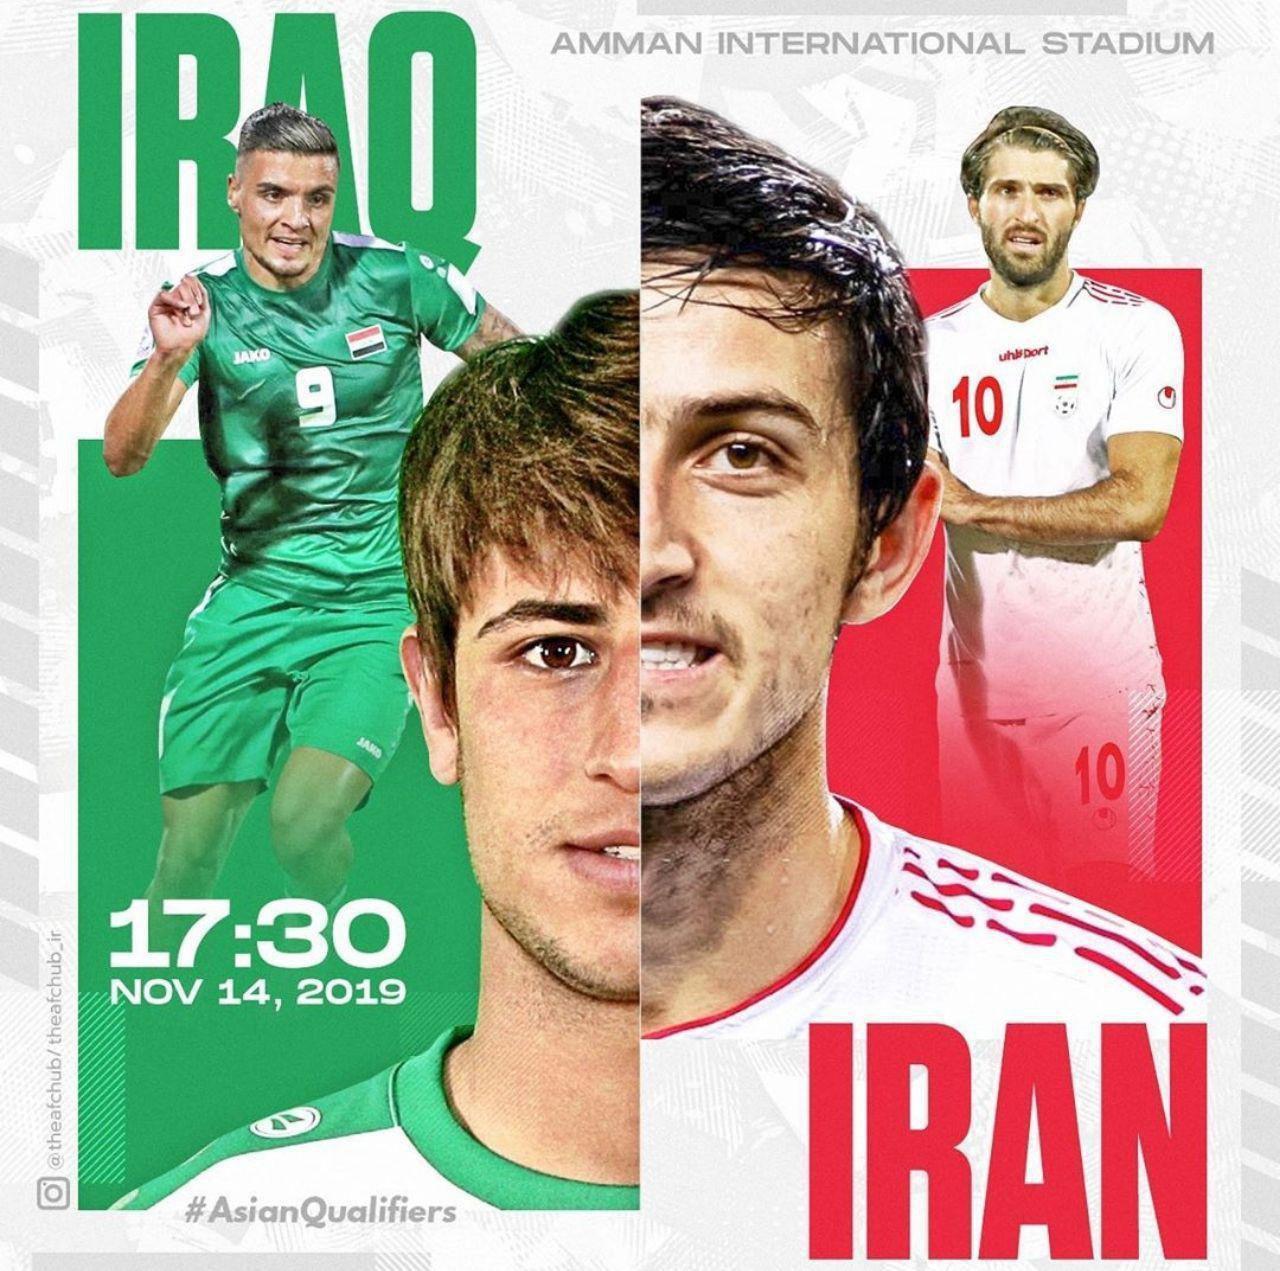 حاشیههای پیش از دیدار تیمهای ملی فوتبال ایران و عراق